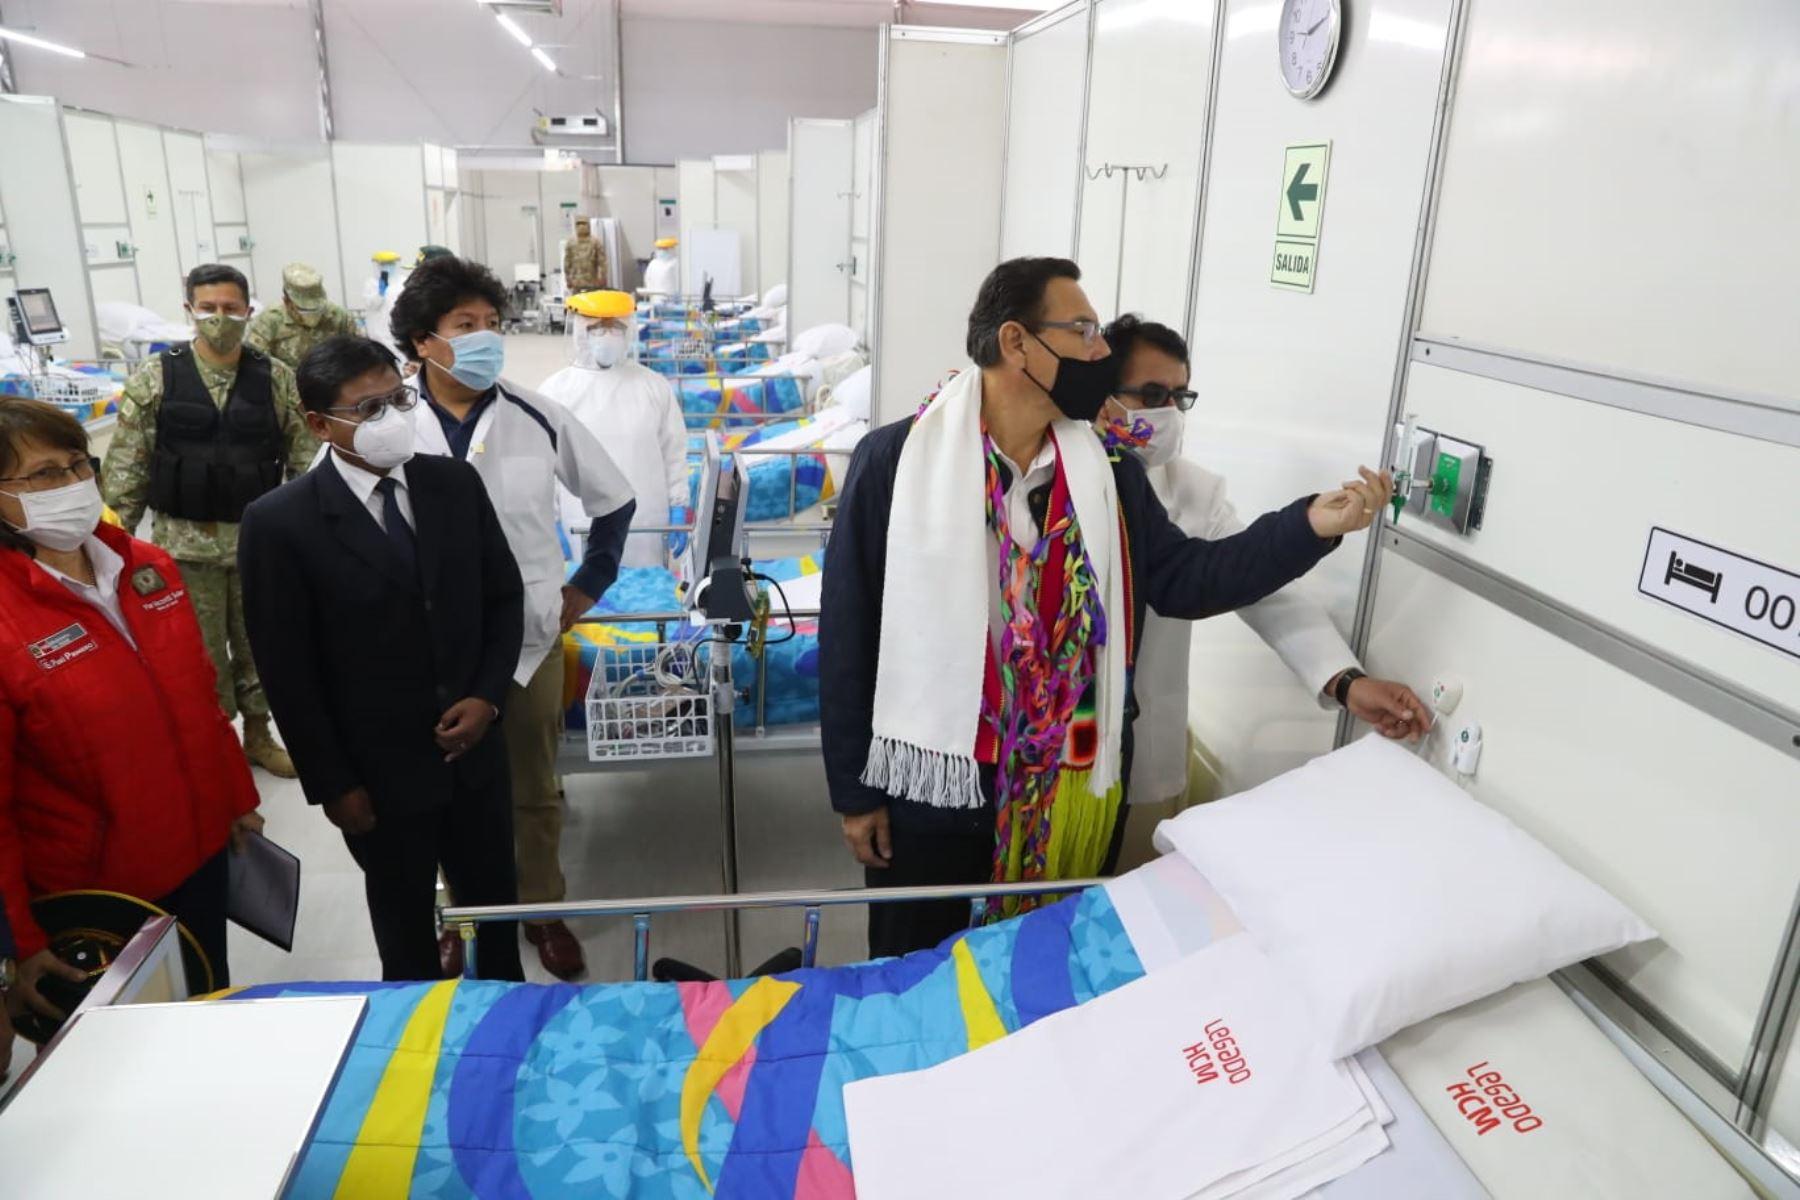 Presidente Vizcarra inaugura centro de atención para pacientes covid-19 en Juliaca | Noticias